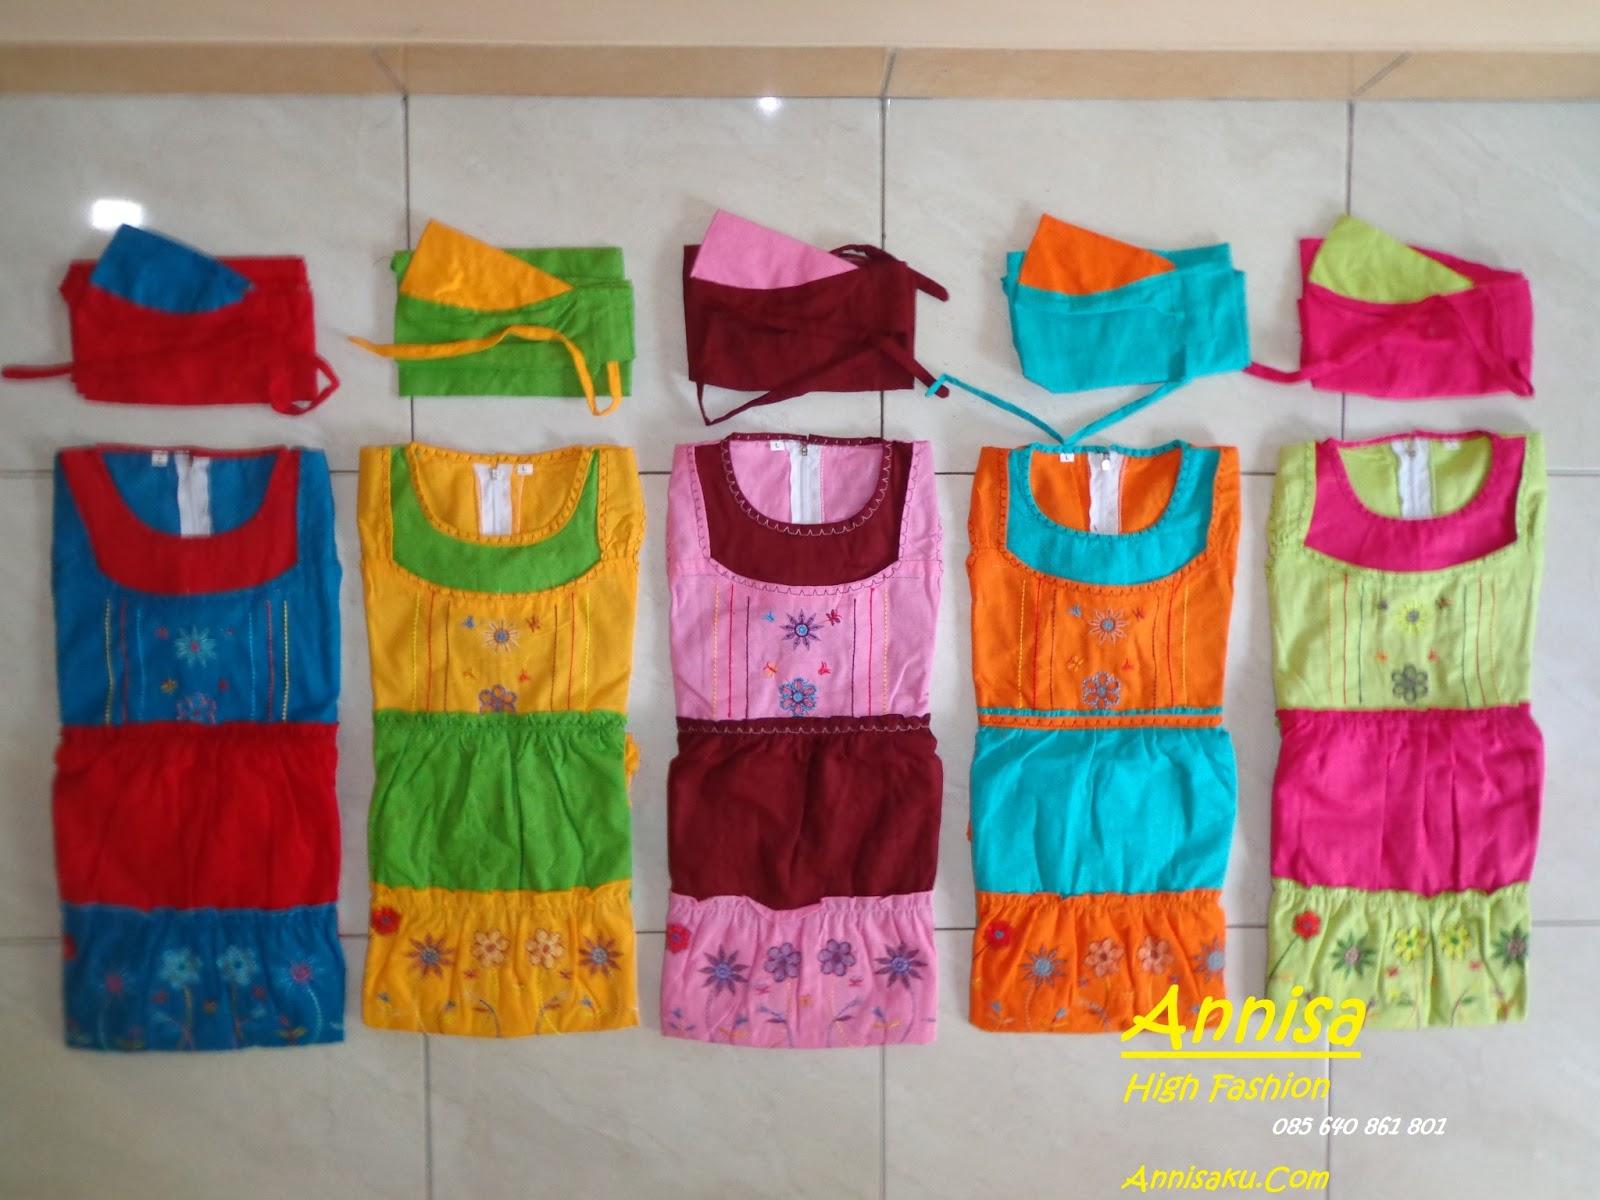 Trend Baju Batik Modern 2013 Untuk Anak Muda Yang Perduli